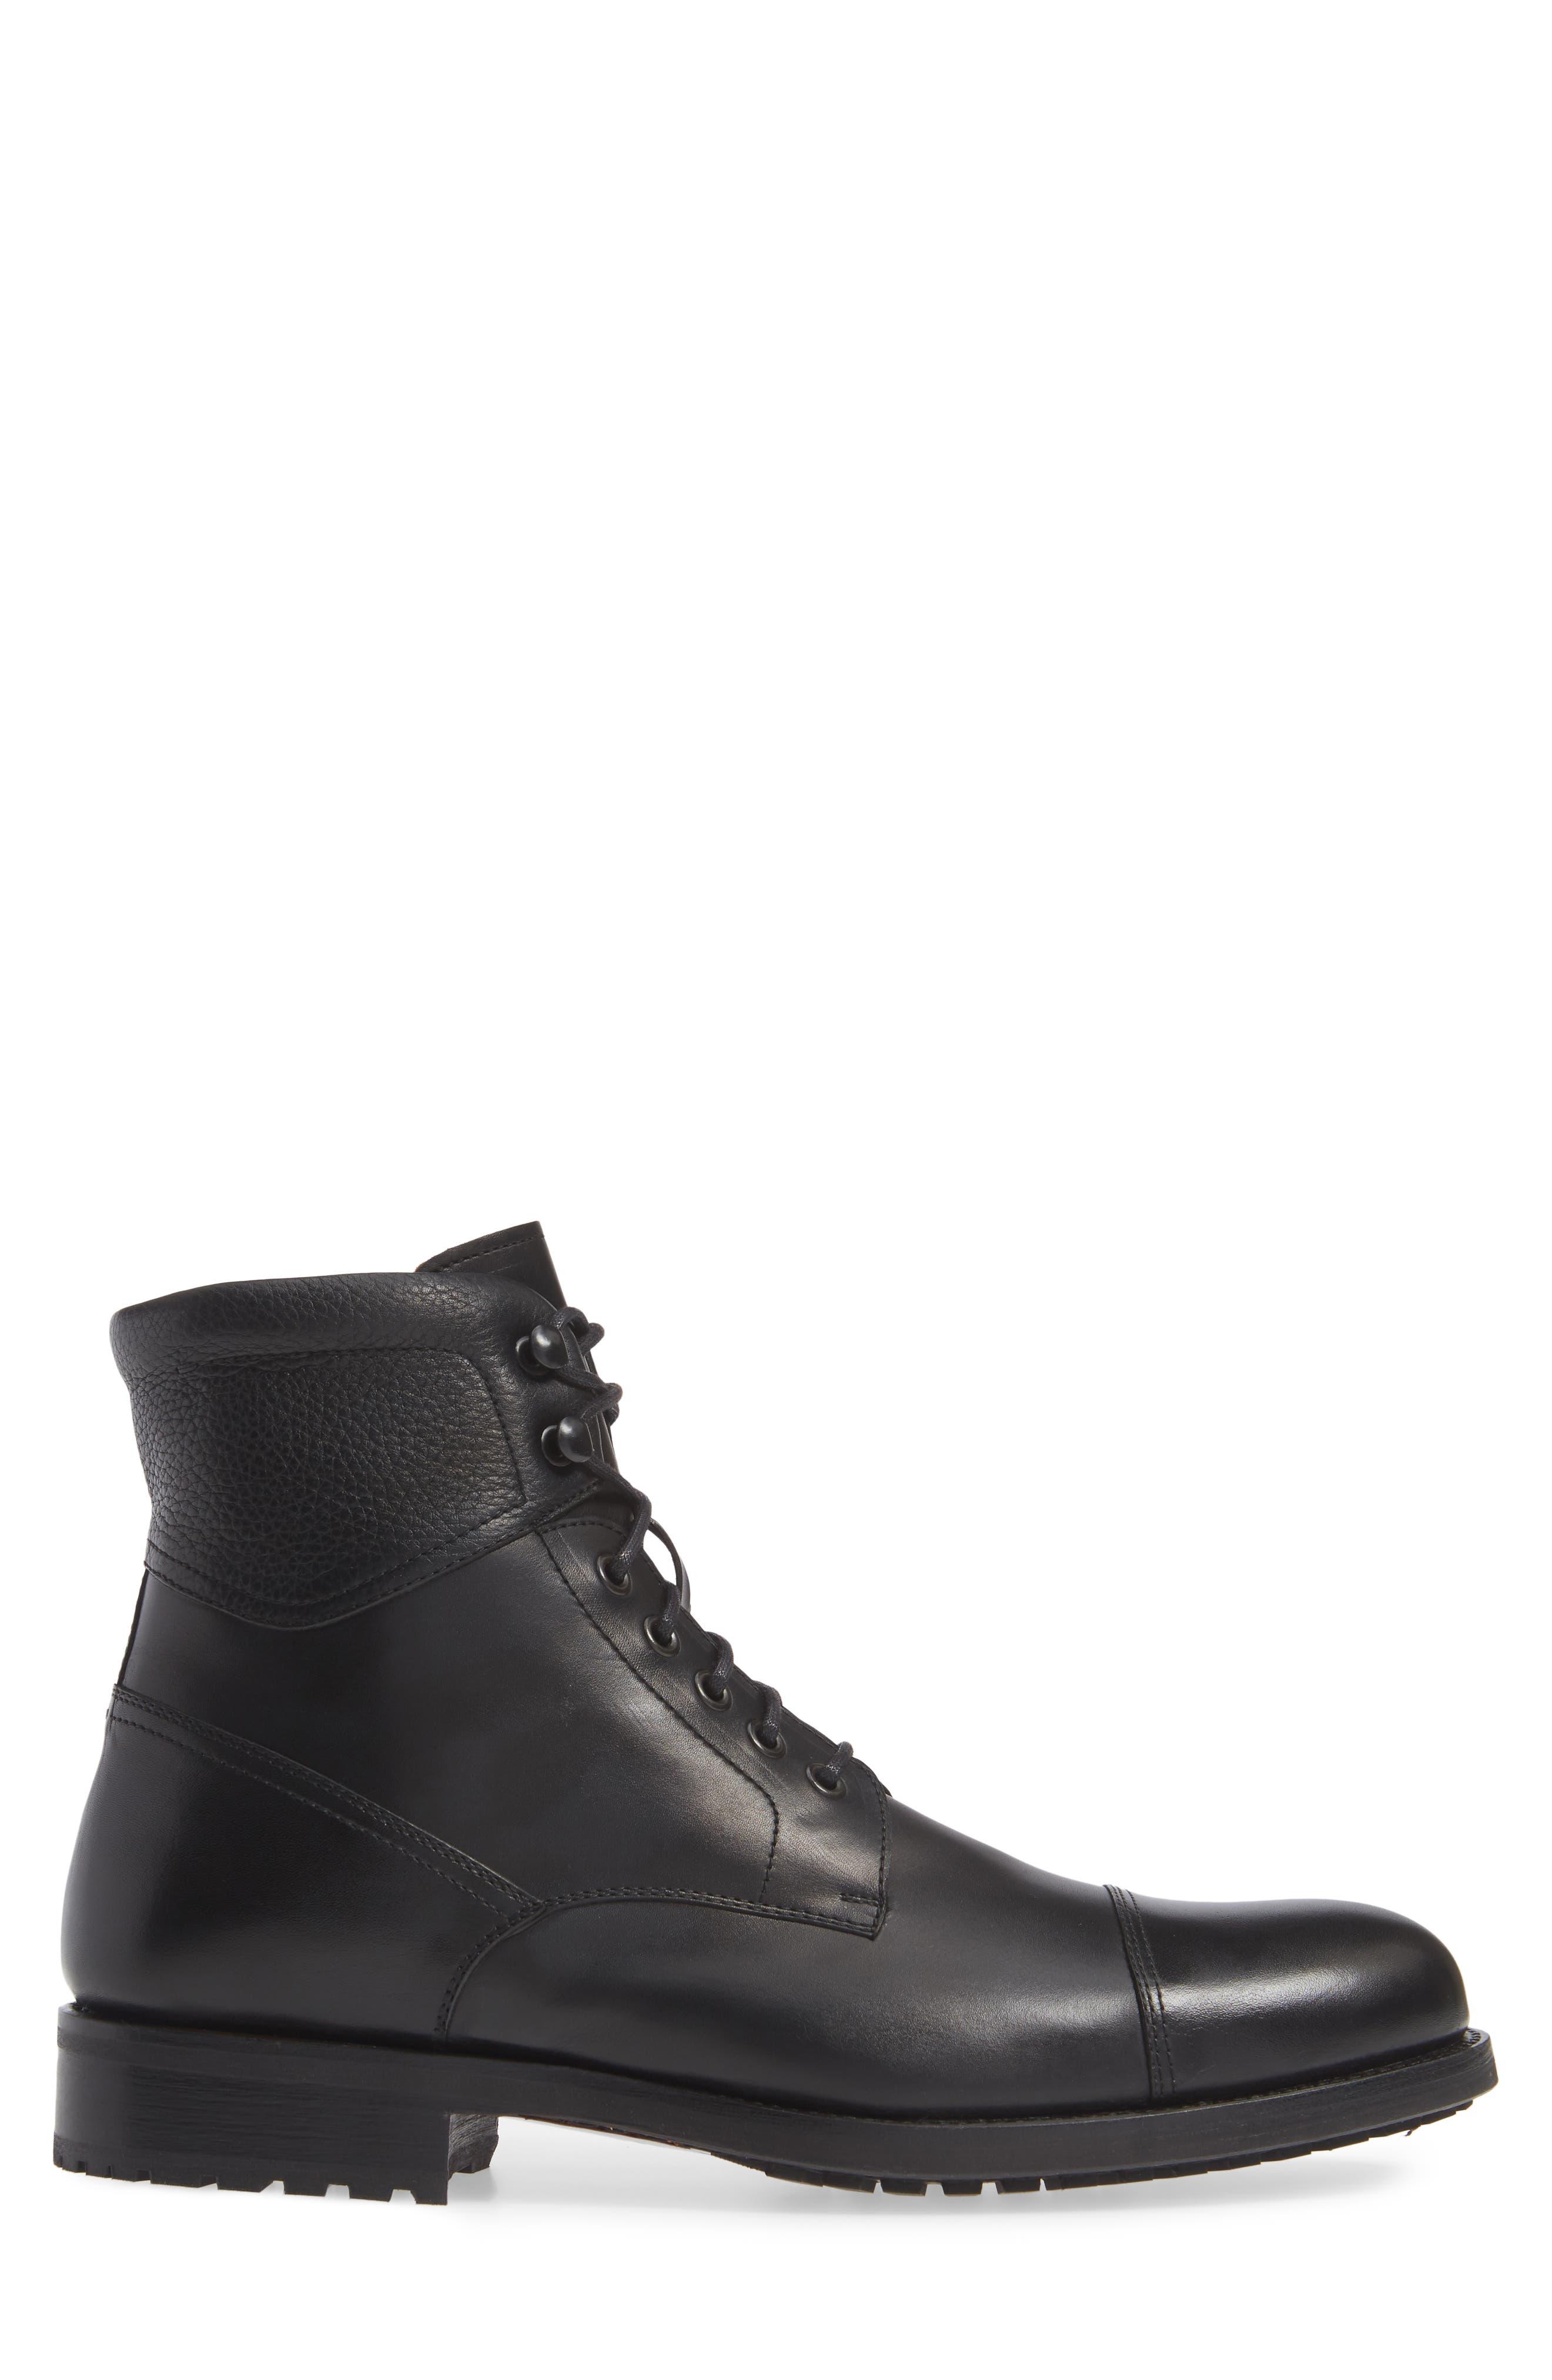 Peyton Cap Toe Boot,                             Alternate thumbnail 3, color,                             BLACK LEATHER